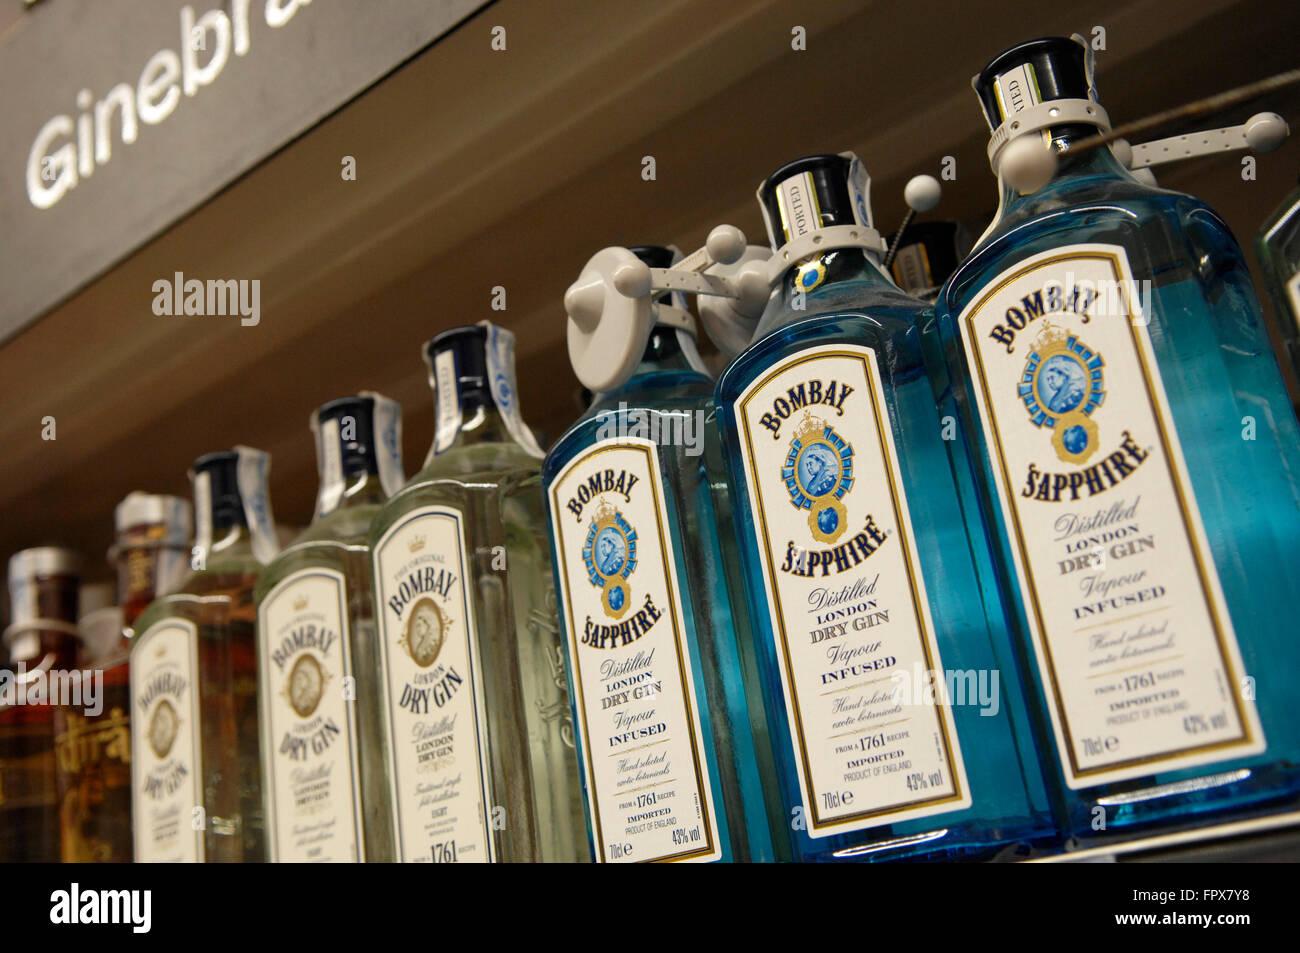 Bombay Sapphire Gin di proprietà di Bacardi visualizzato in un supermercato Carrefour Malaga Spagna. Immagini Stock